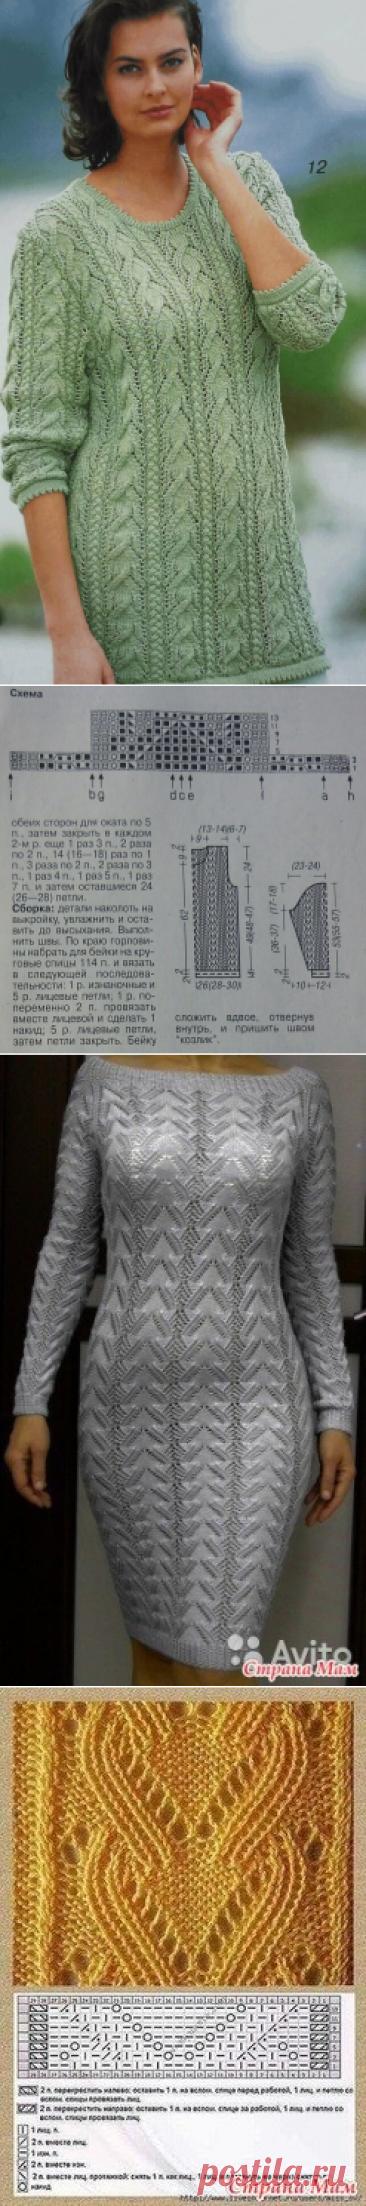 Три очаровательные модели для женщин спицами. Схемы, описание.   Вязаный Смак   Яндекс Дзен